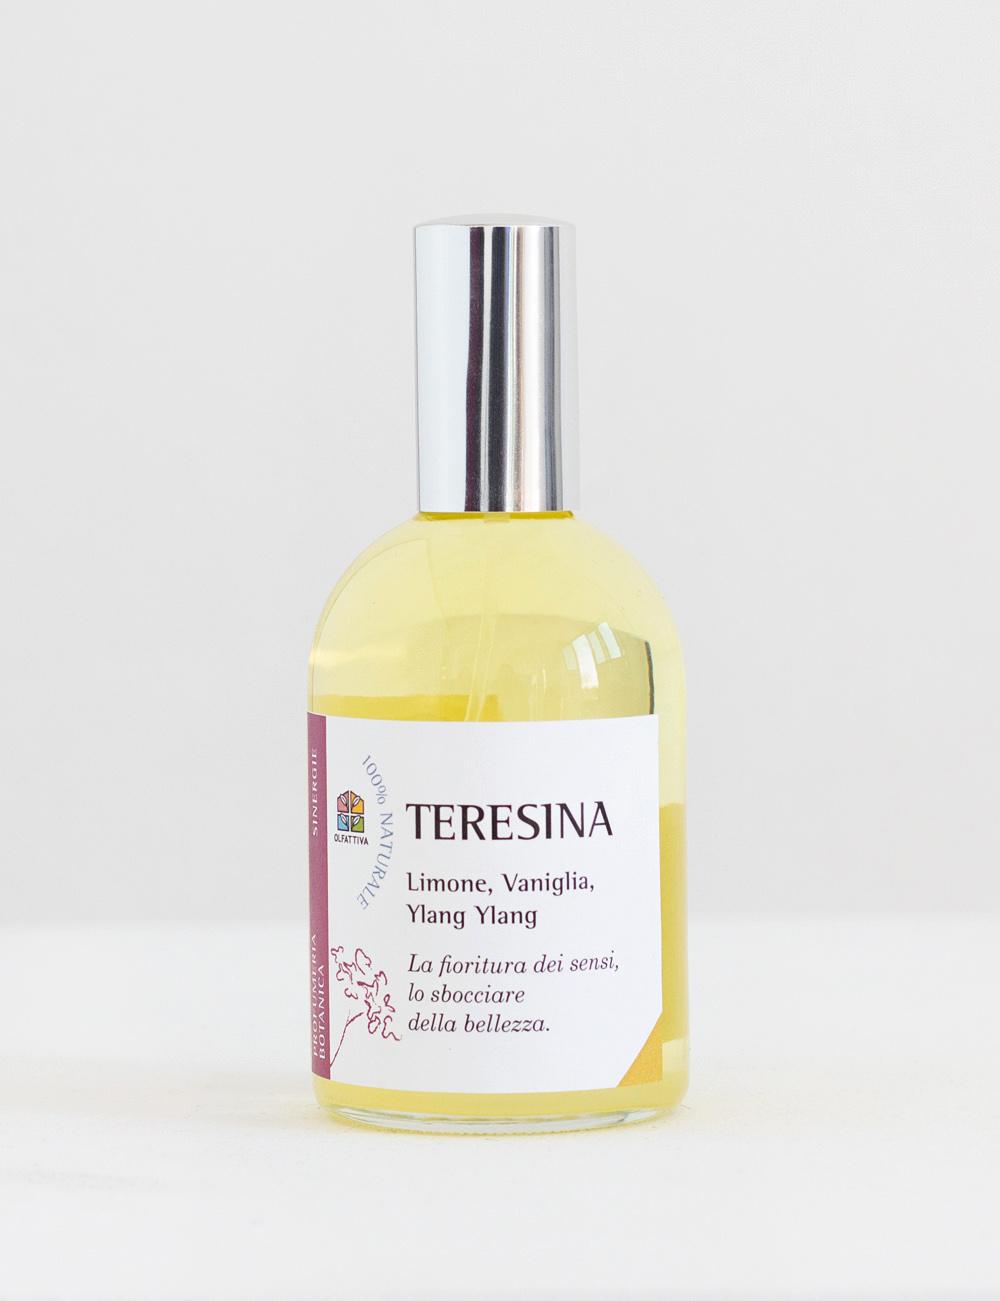 Profumo Teresina 115 ml